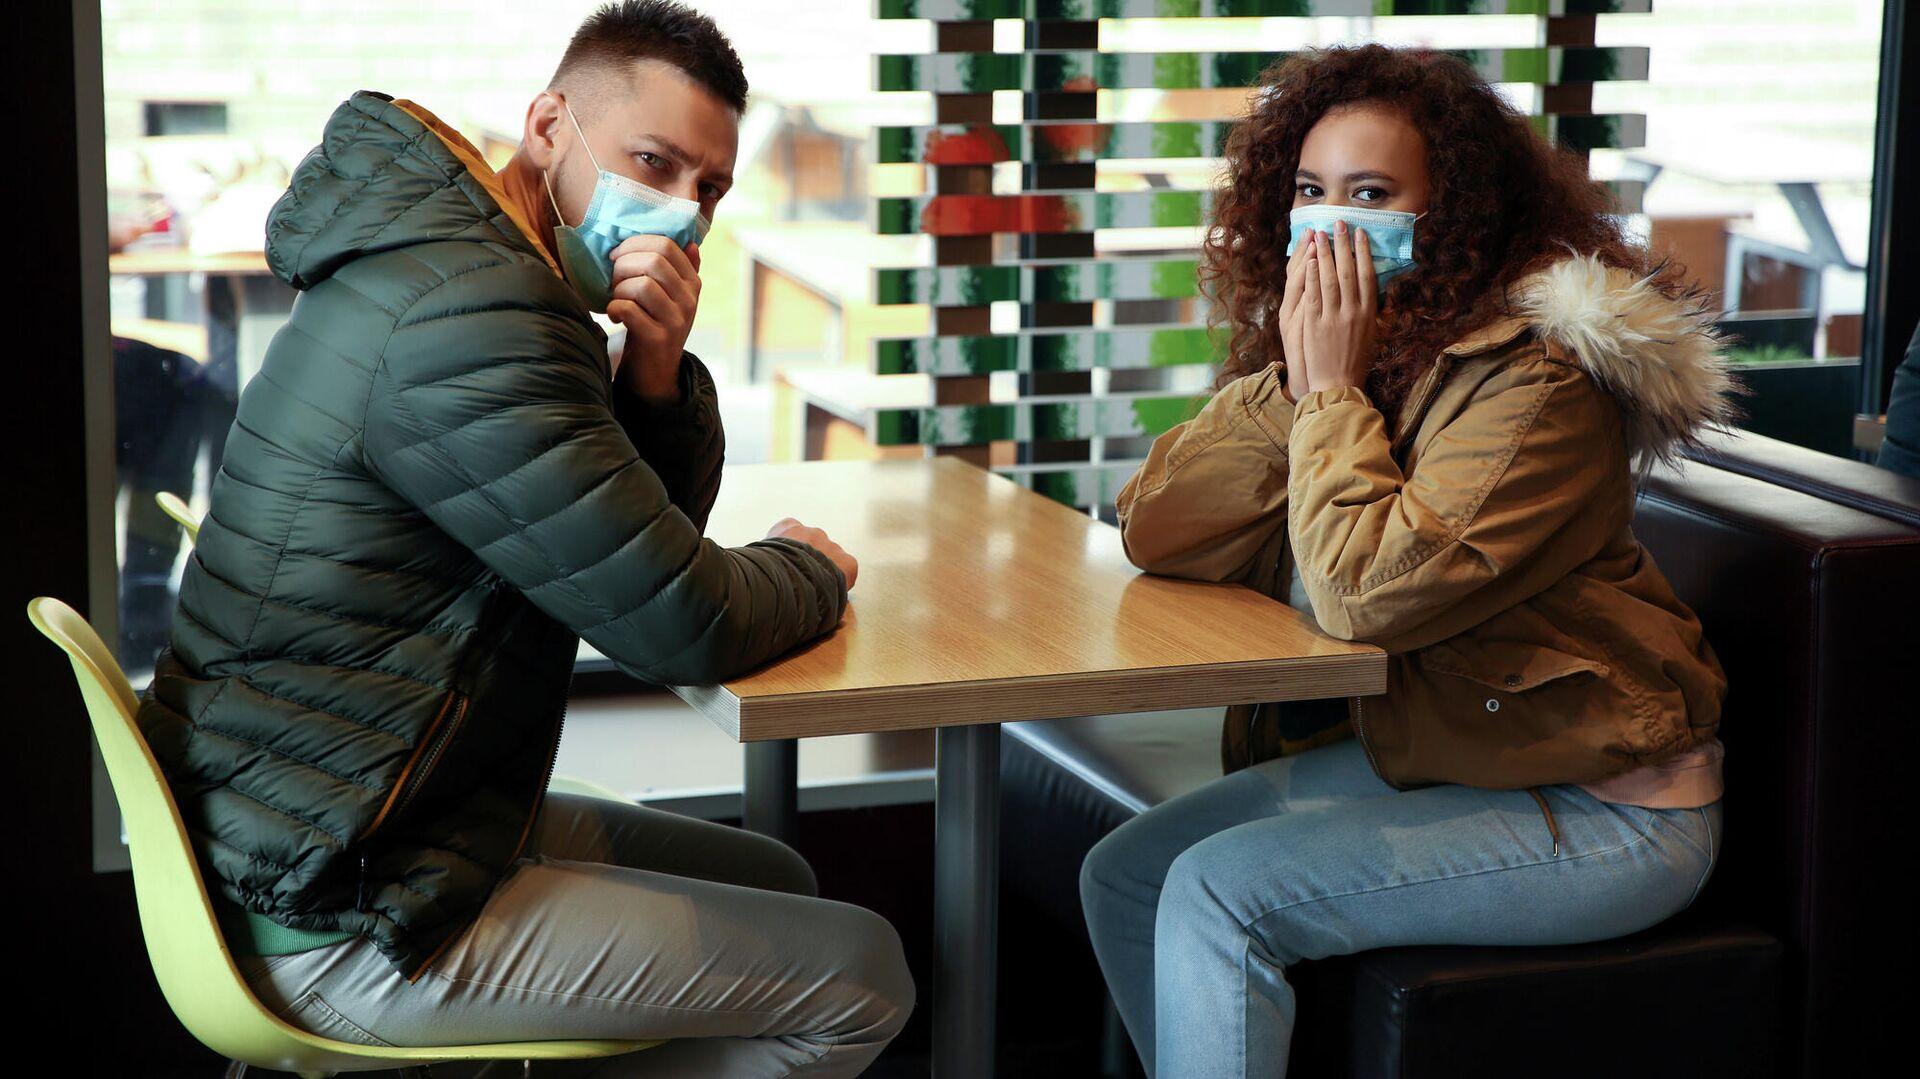 Молодые люди в защитных медицинских масках за столиком в кафе - РИА Новости, 1920, 27.01.2021